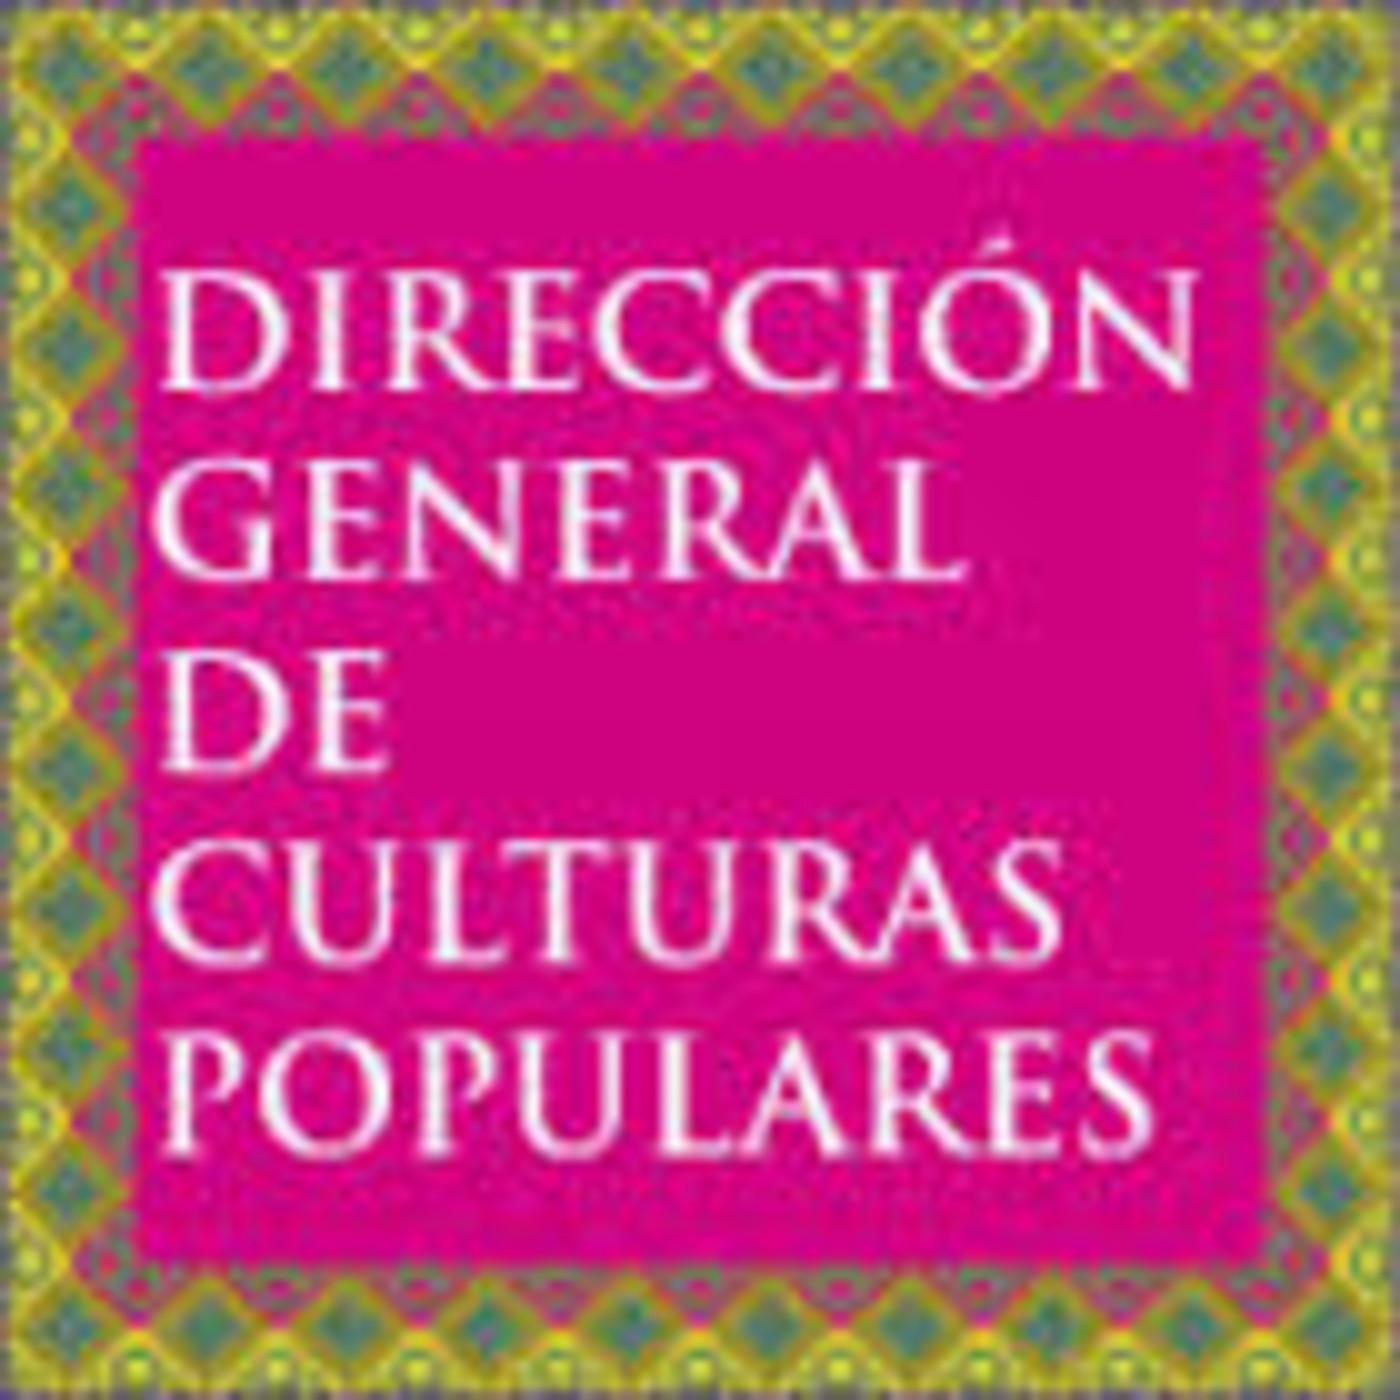 Culturas Populares